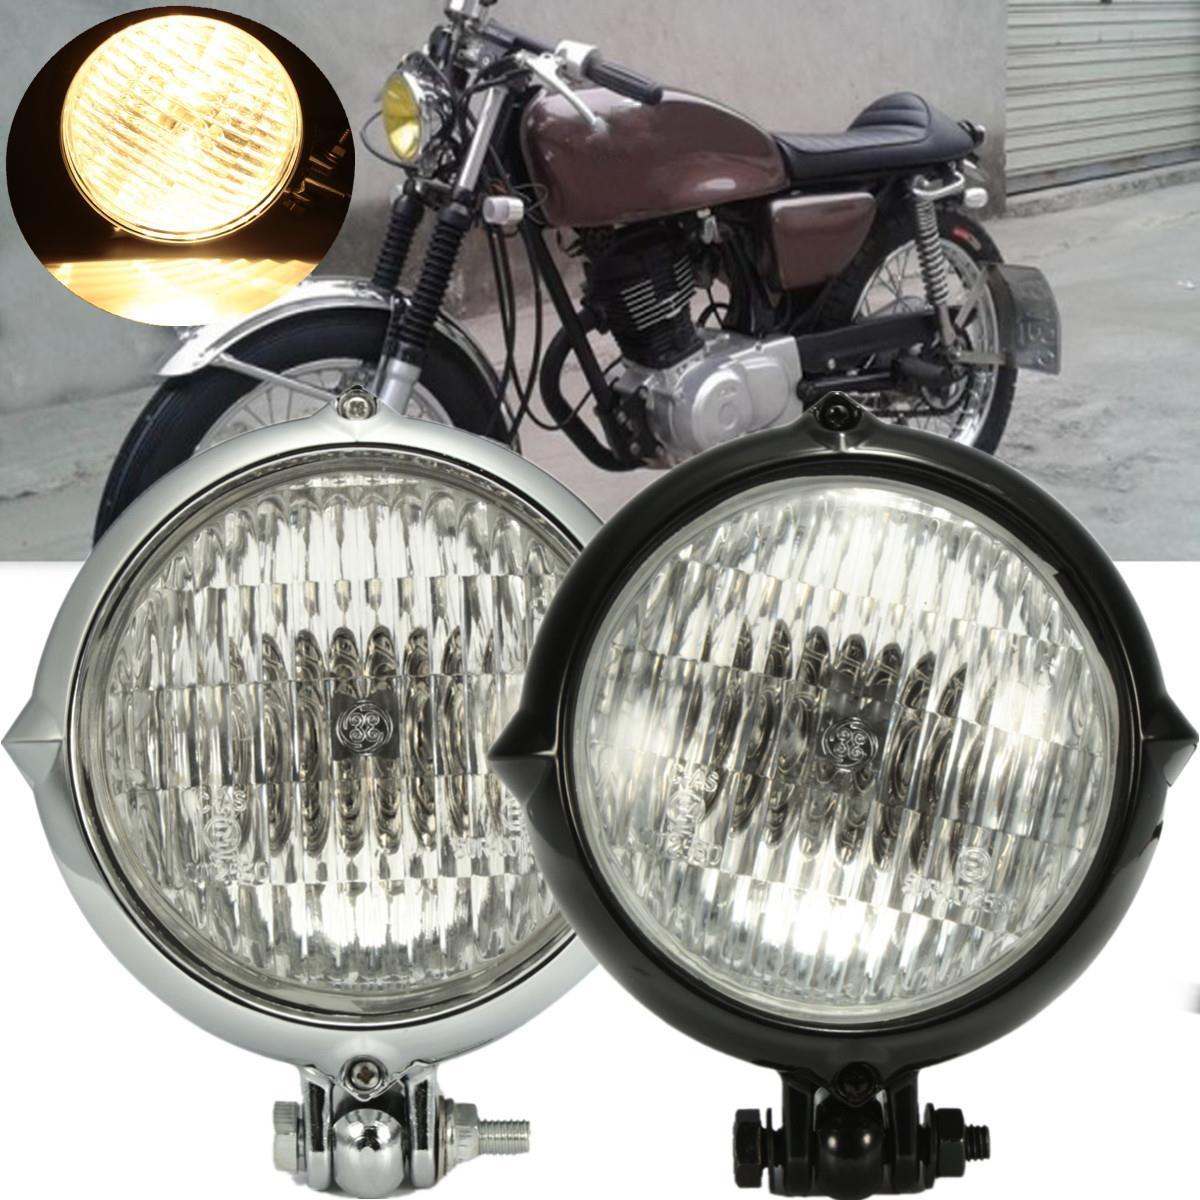 Chrome Black 4 inch Motorcycle Headlight Yellow Light Lamp For Harley Bobber Chopper